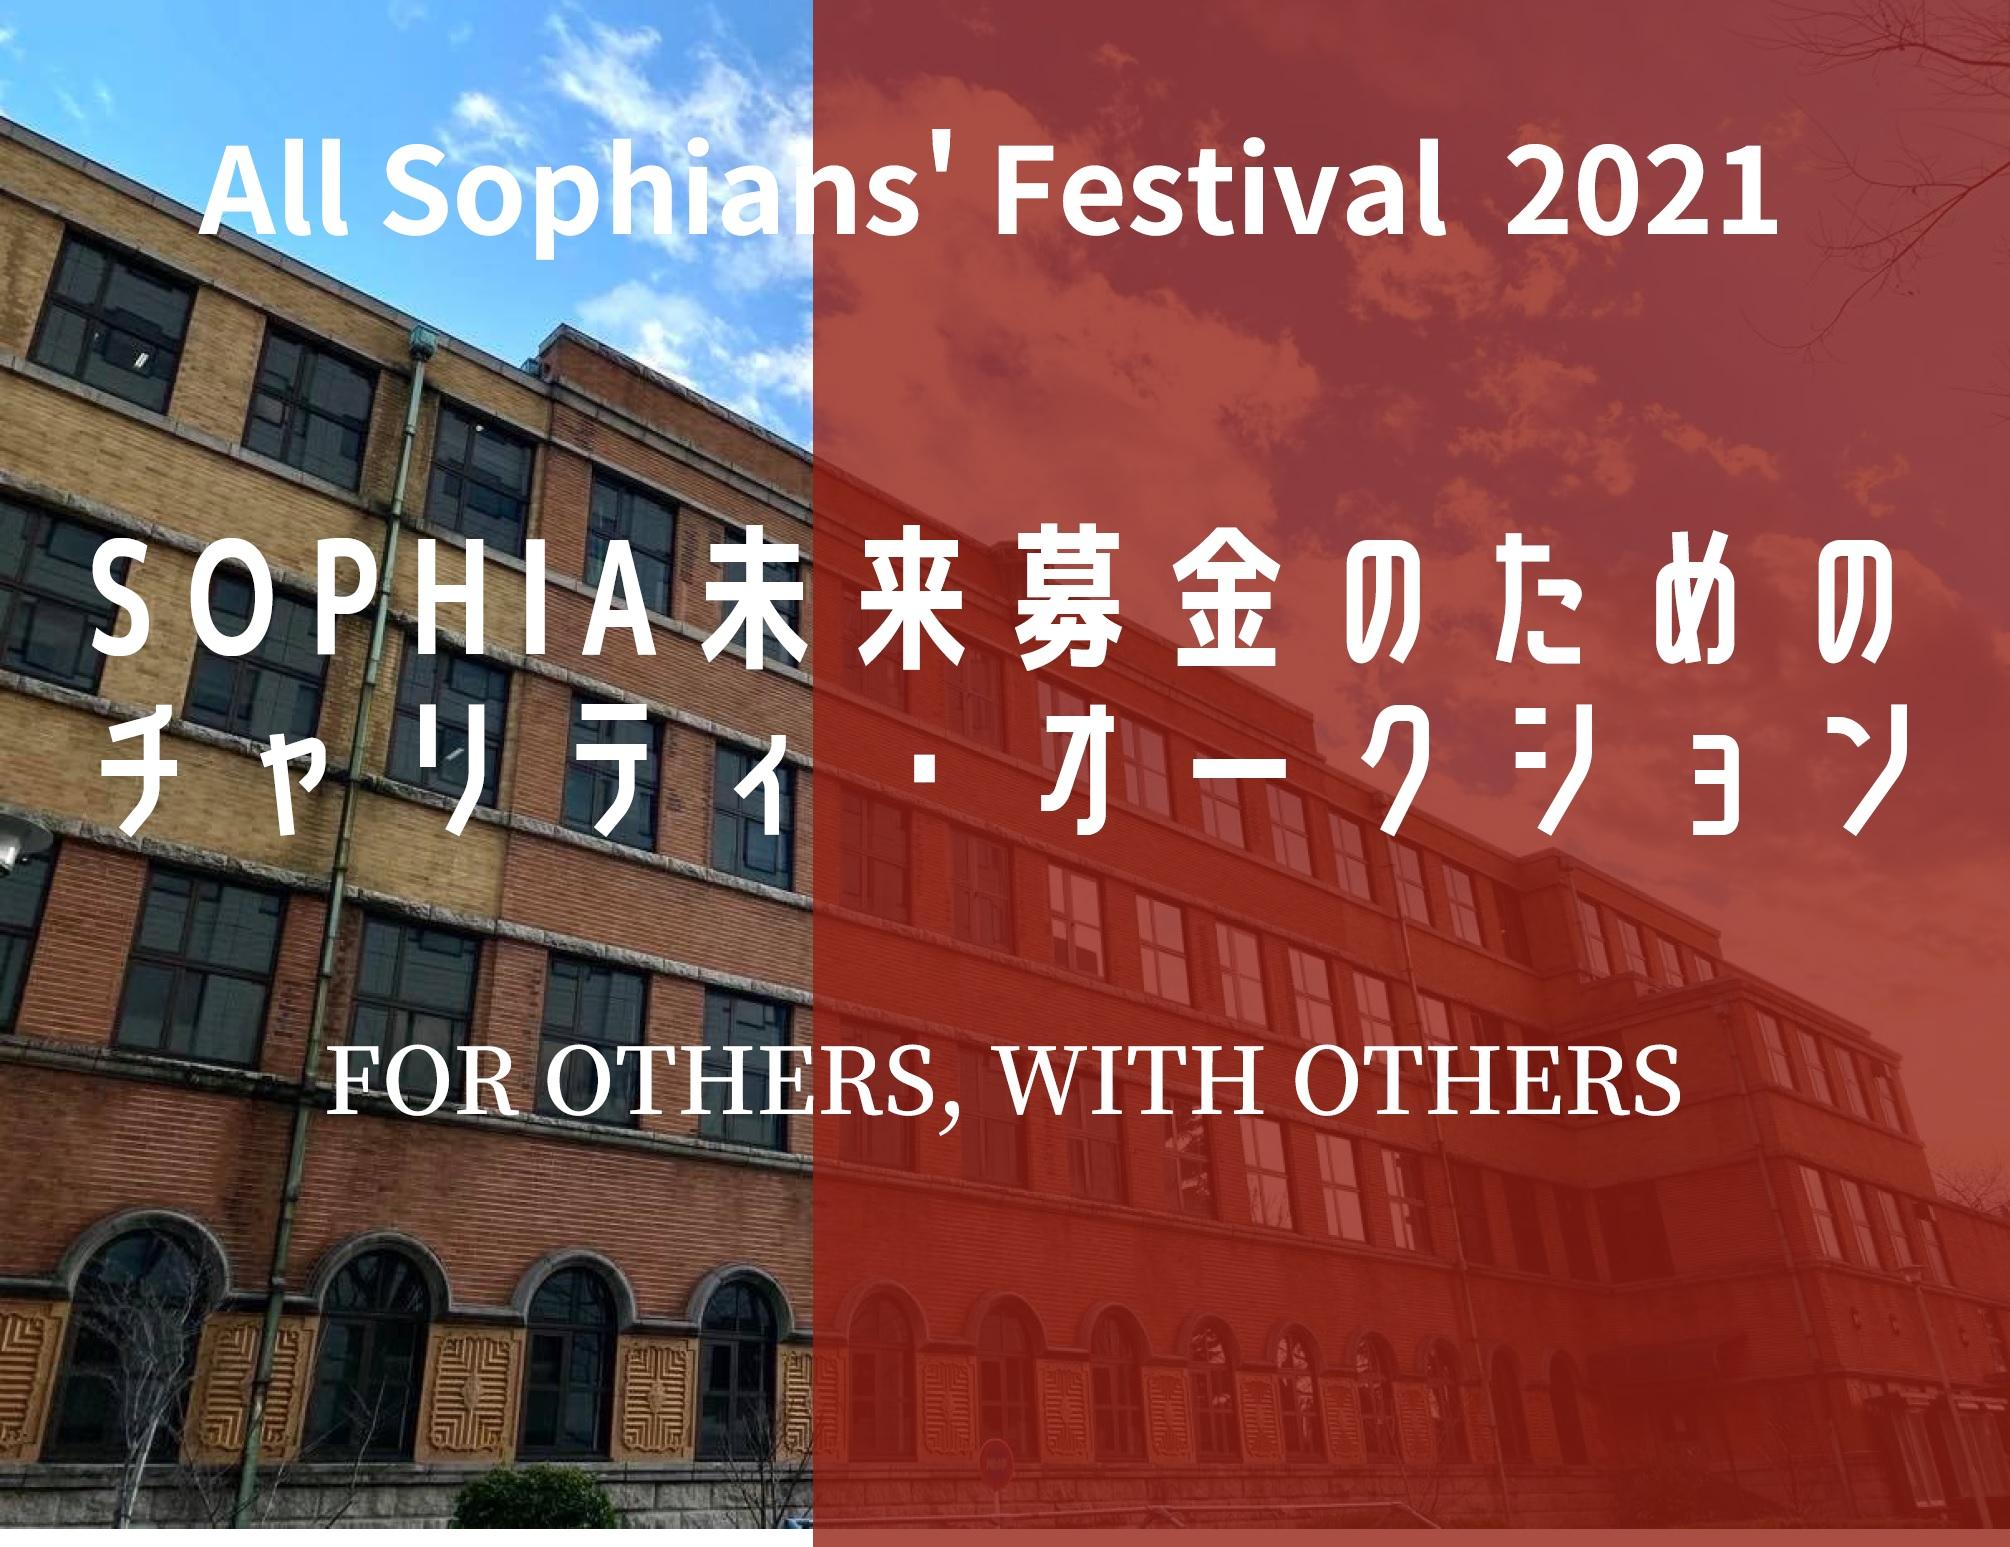 【ASF2021】SOPHIA未来募金のためのオンライン・チャリティオークション